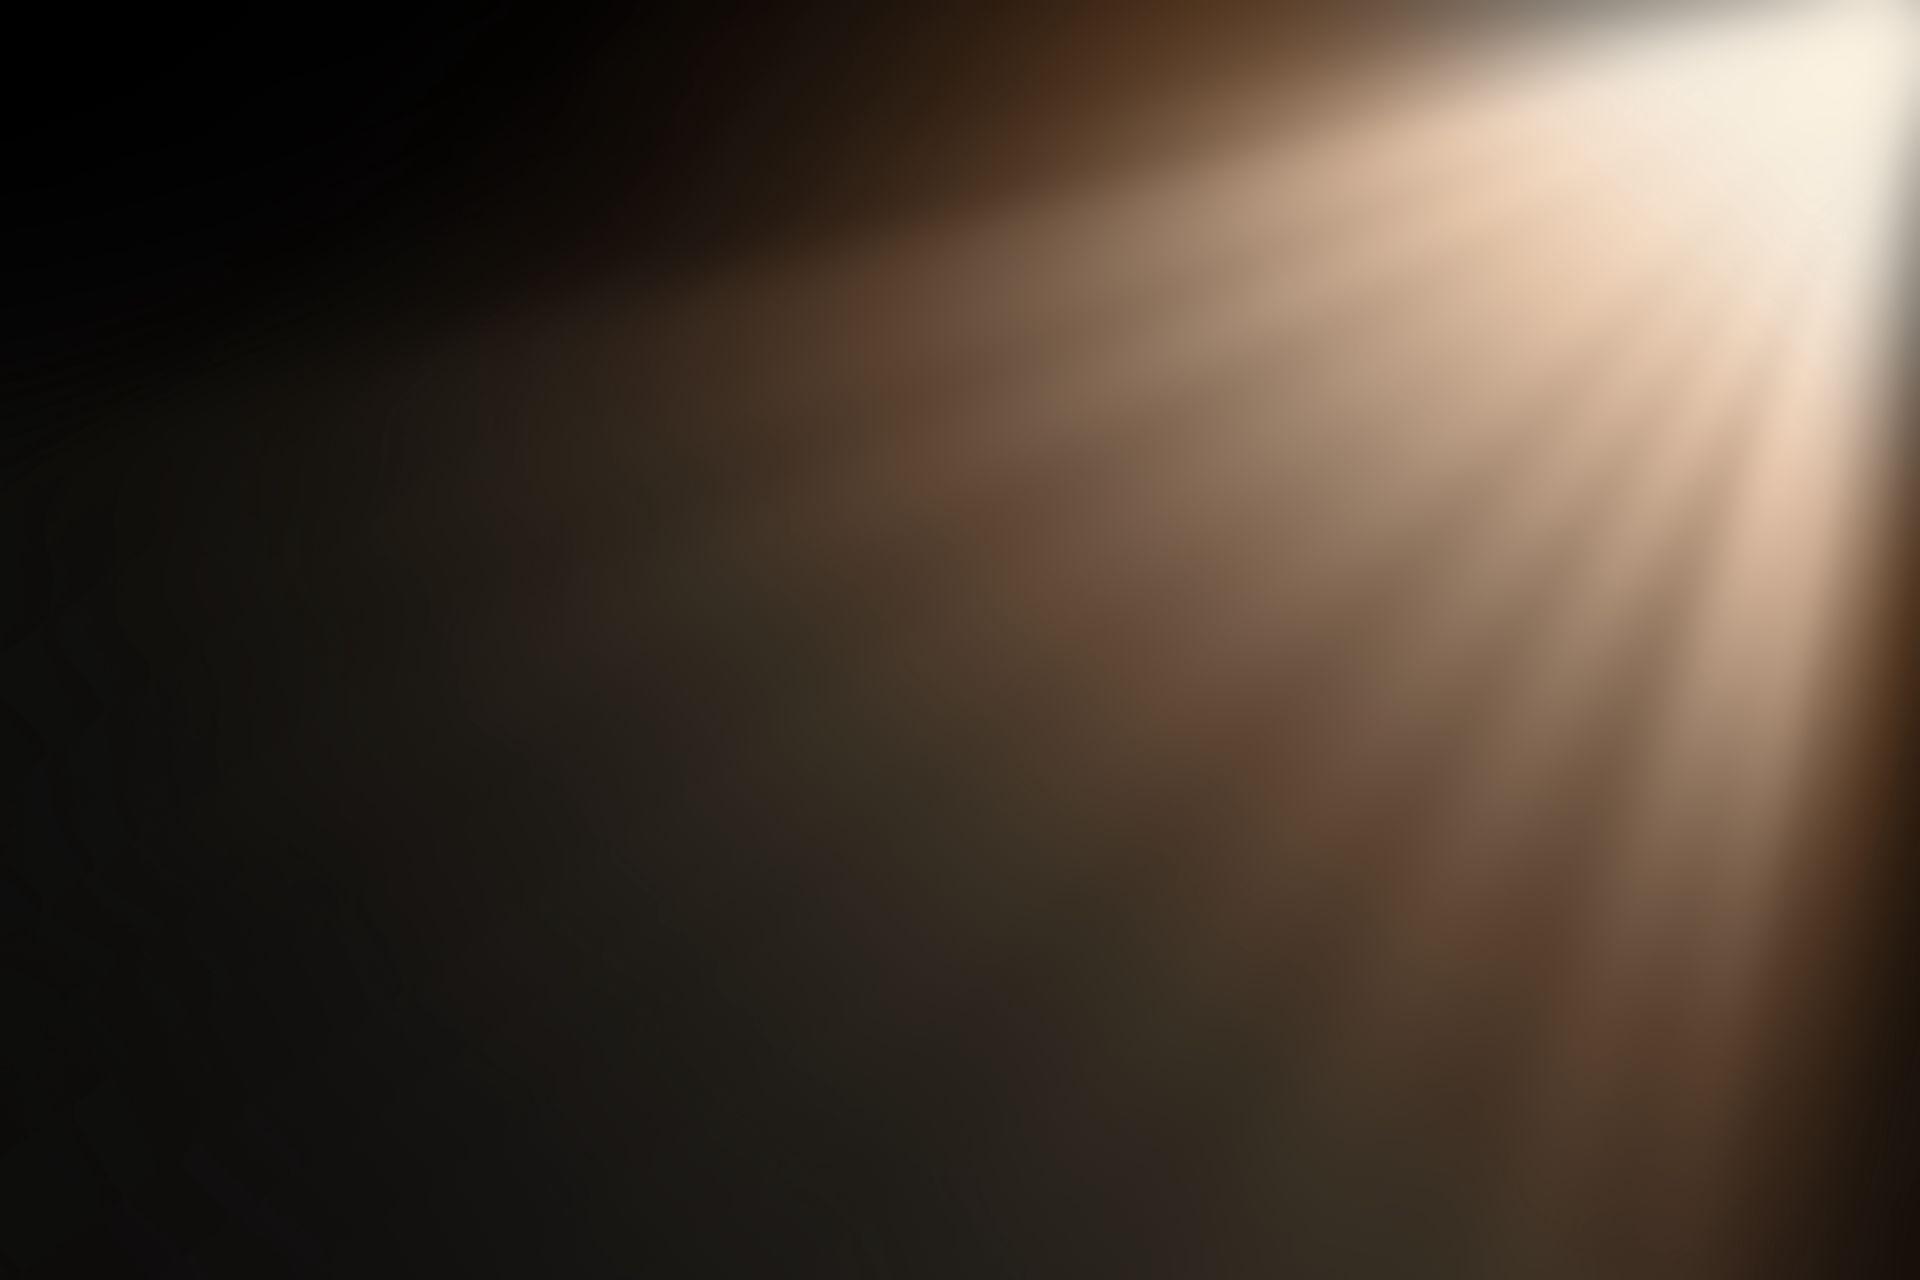 İkiz güneşlerin turuncu akşam ışığı, oluşturdukları gölgeleri ile salonun devasa perdeleri arasından süzülüyor, etrafı yorgun ve loş ışığı ile aydınlatıyordu